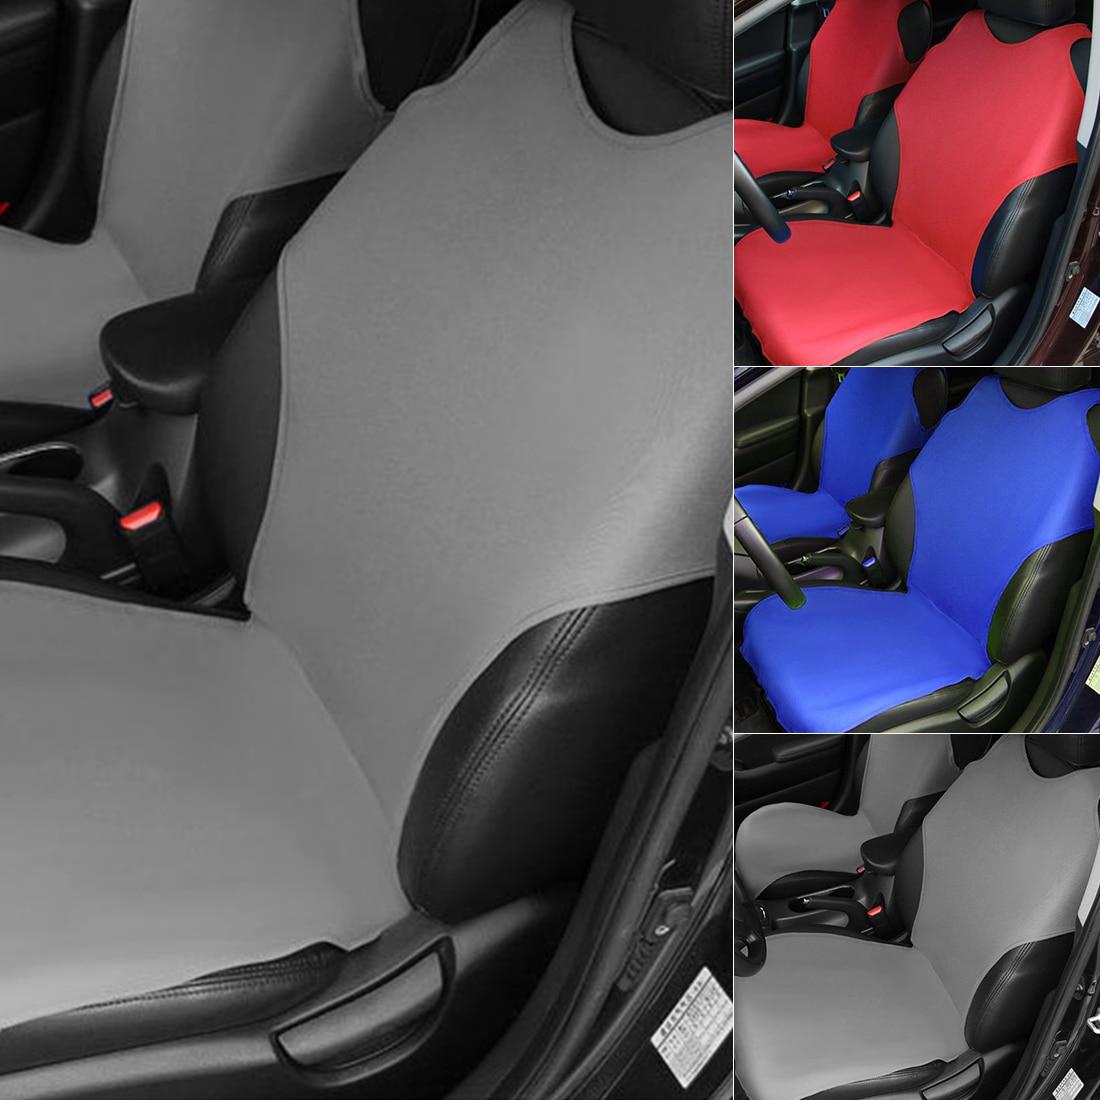 Auto Bekleding Universele Vest Voorste Auto Stoelhoezen Interieur Accessoires Airbag Compatibel Seat Cover Protector Pu Leer Nieuwe Ziekten Voorkomen En Genezen